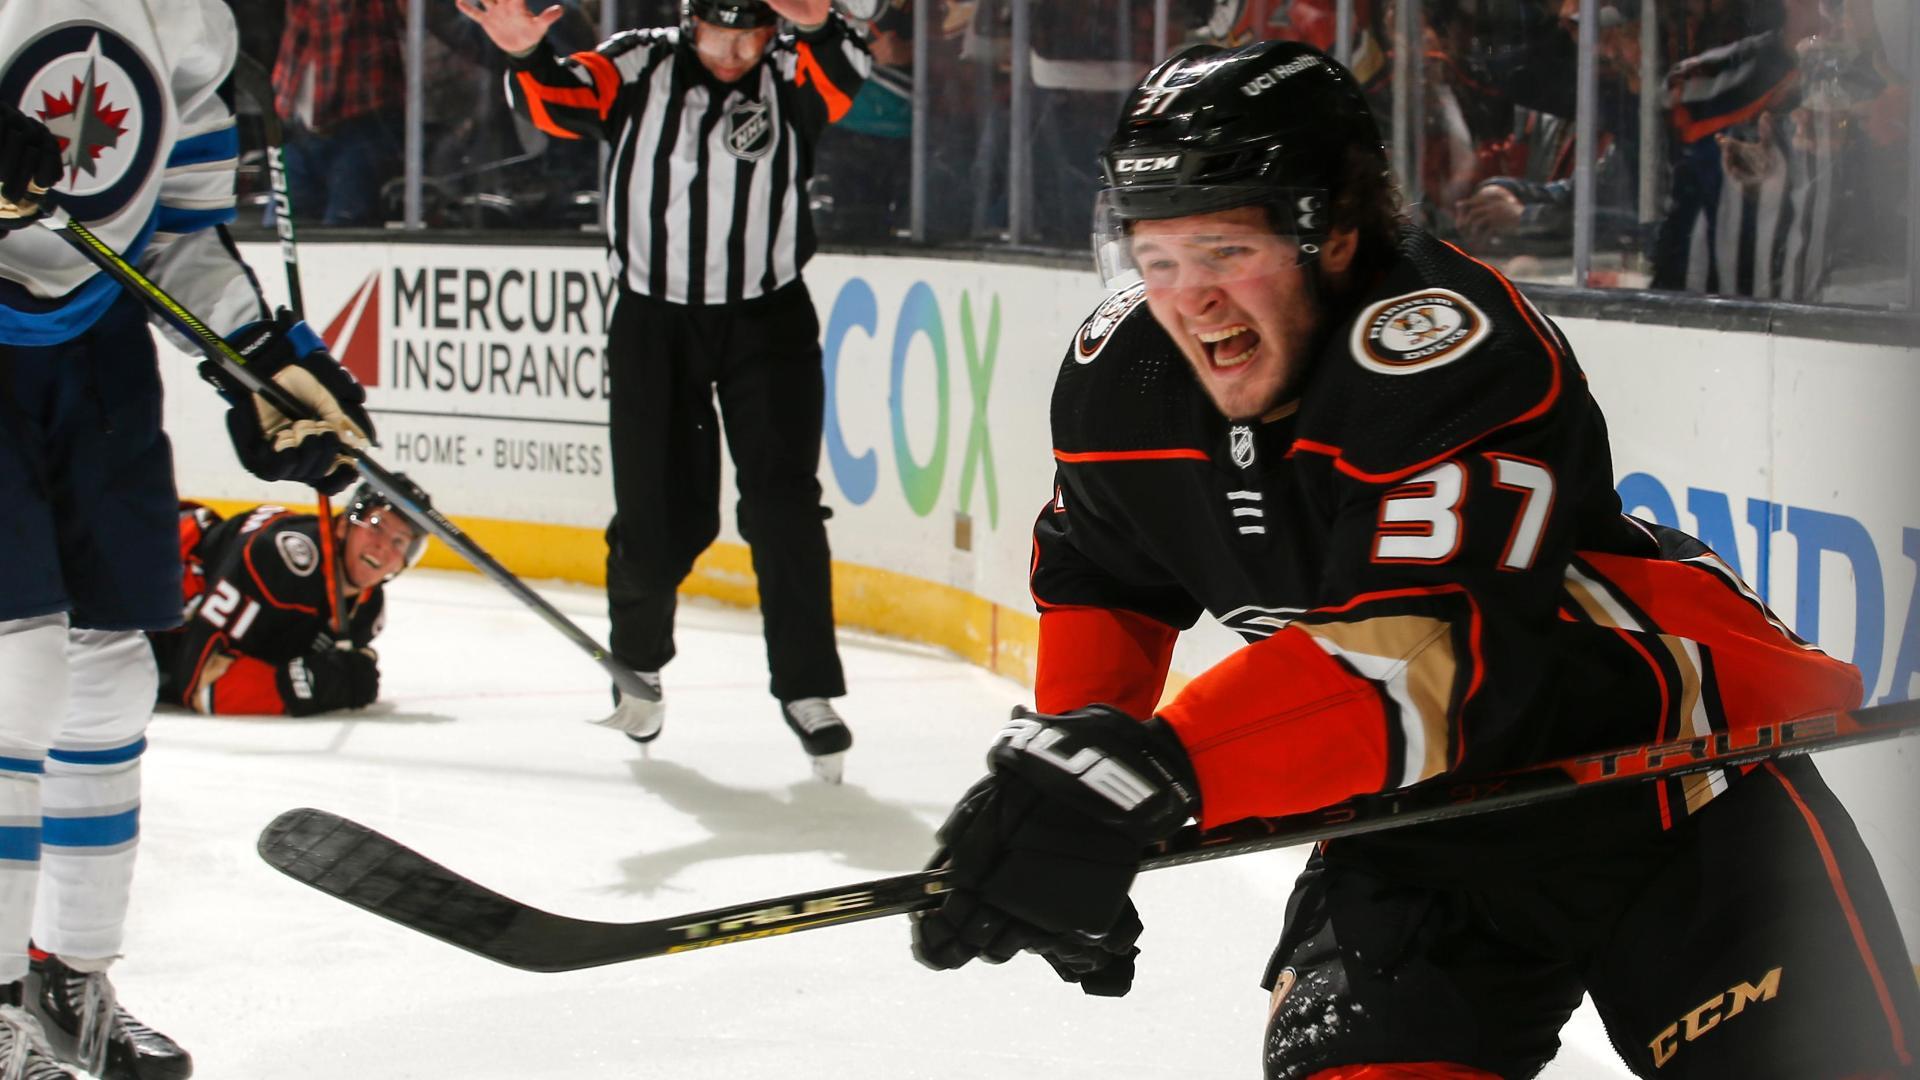 18-year-old Mason McTavish scores in NHL debut